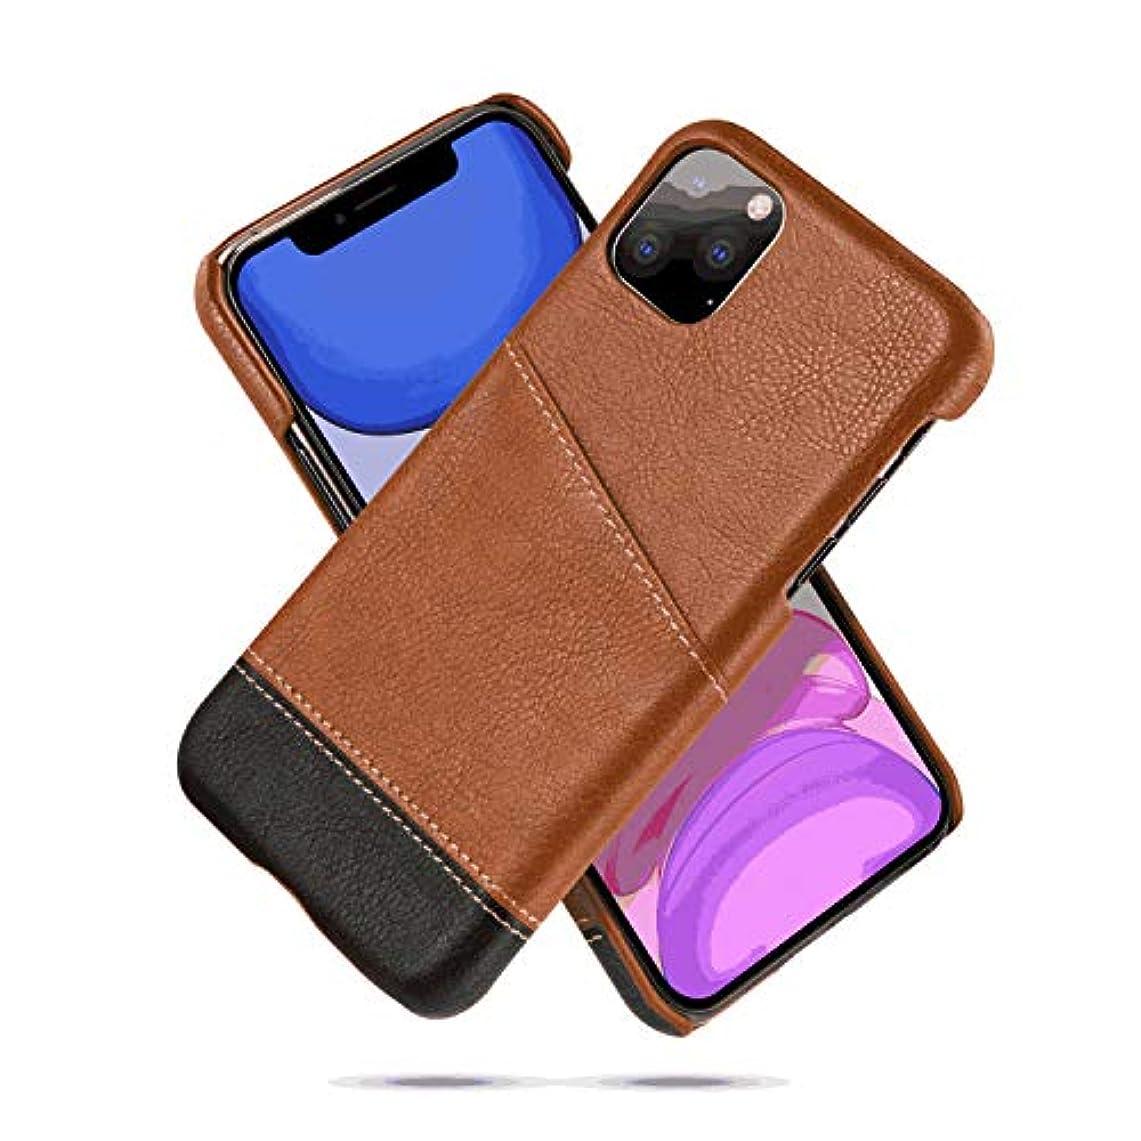 ロバマーキー待つ手帳型 携帯ケース 対応 アイフォン iPhone XS 本革 カバー収納 財布 手帳型ケース レザーケース